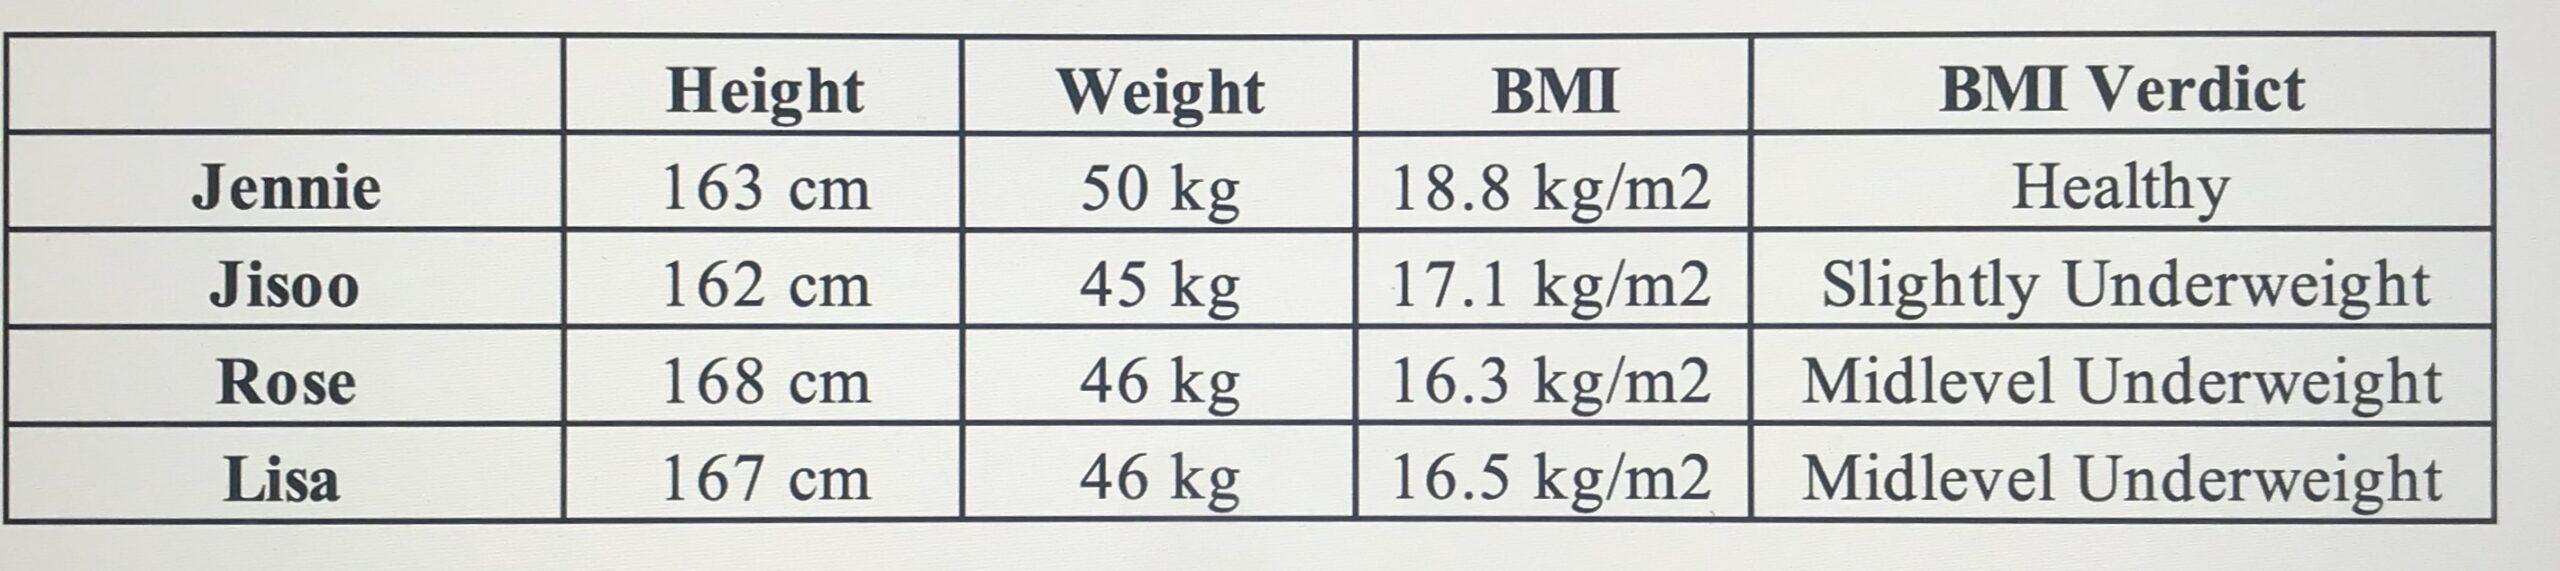 3/4 thành viên BLACKPINK giảm cân quá đà, đáng báo động, chỉ đúng 1 người khỏe mạnh đáng học theo - Ảnh 2.